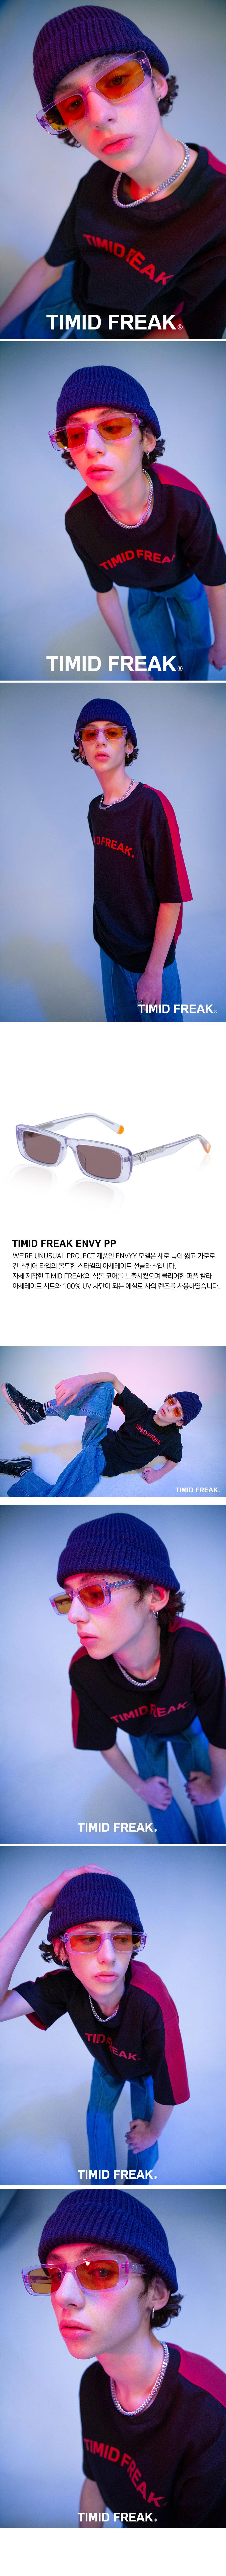 Envy pp pp 900 10000